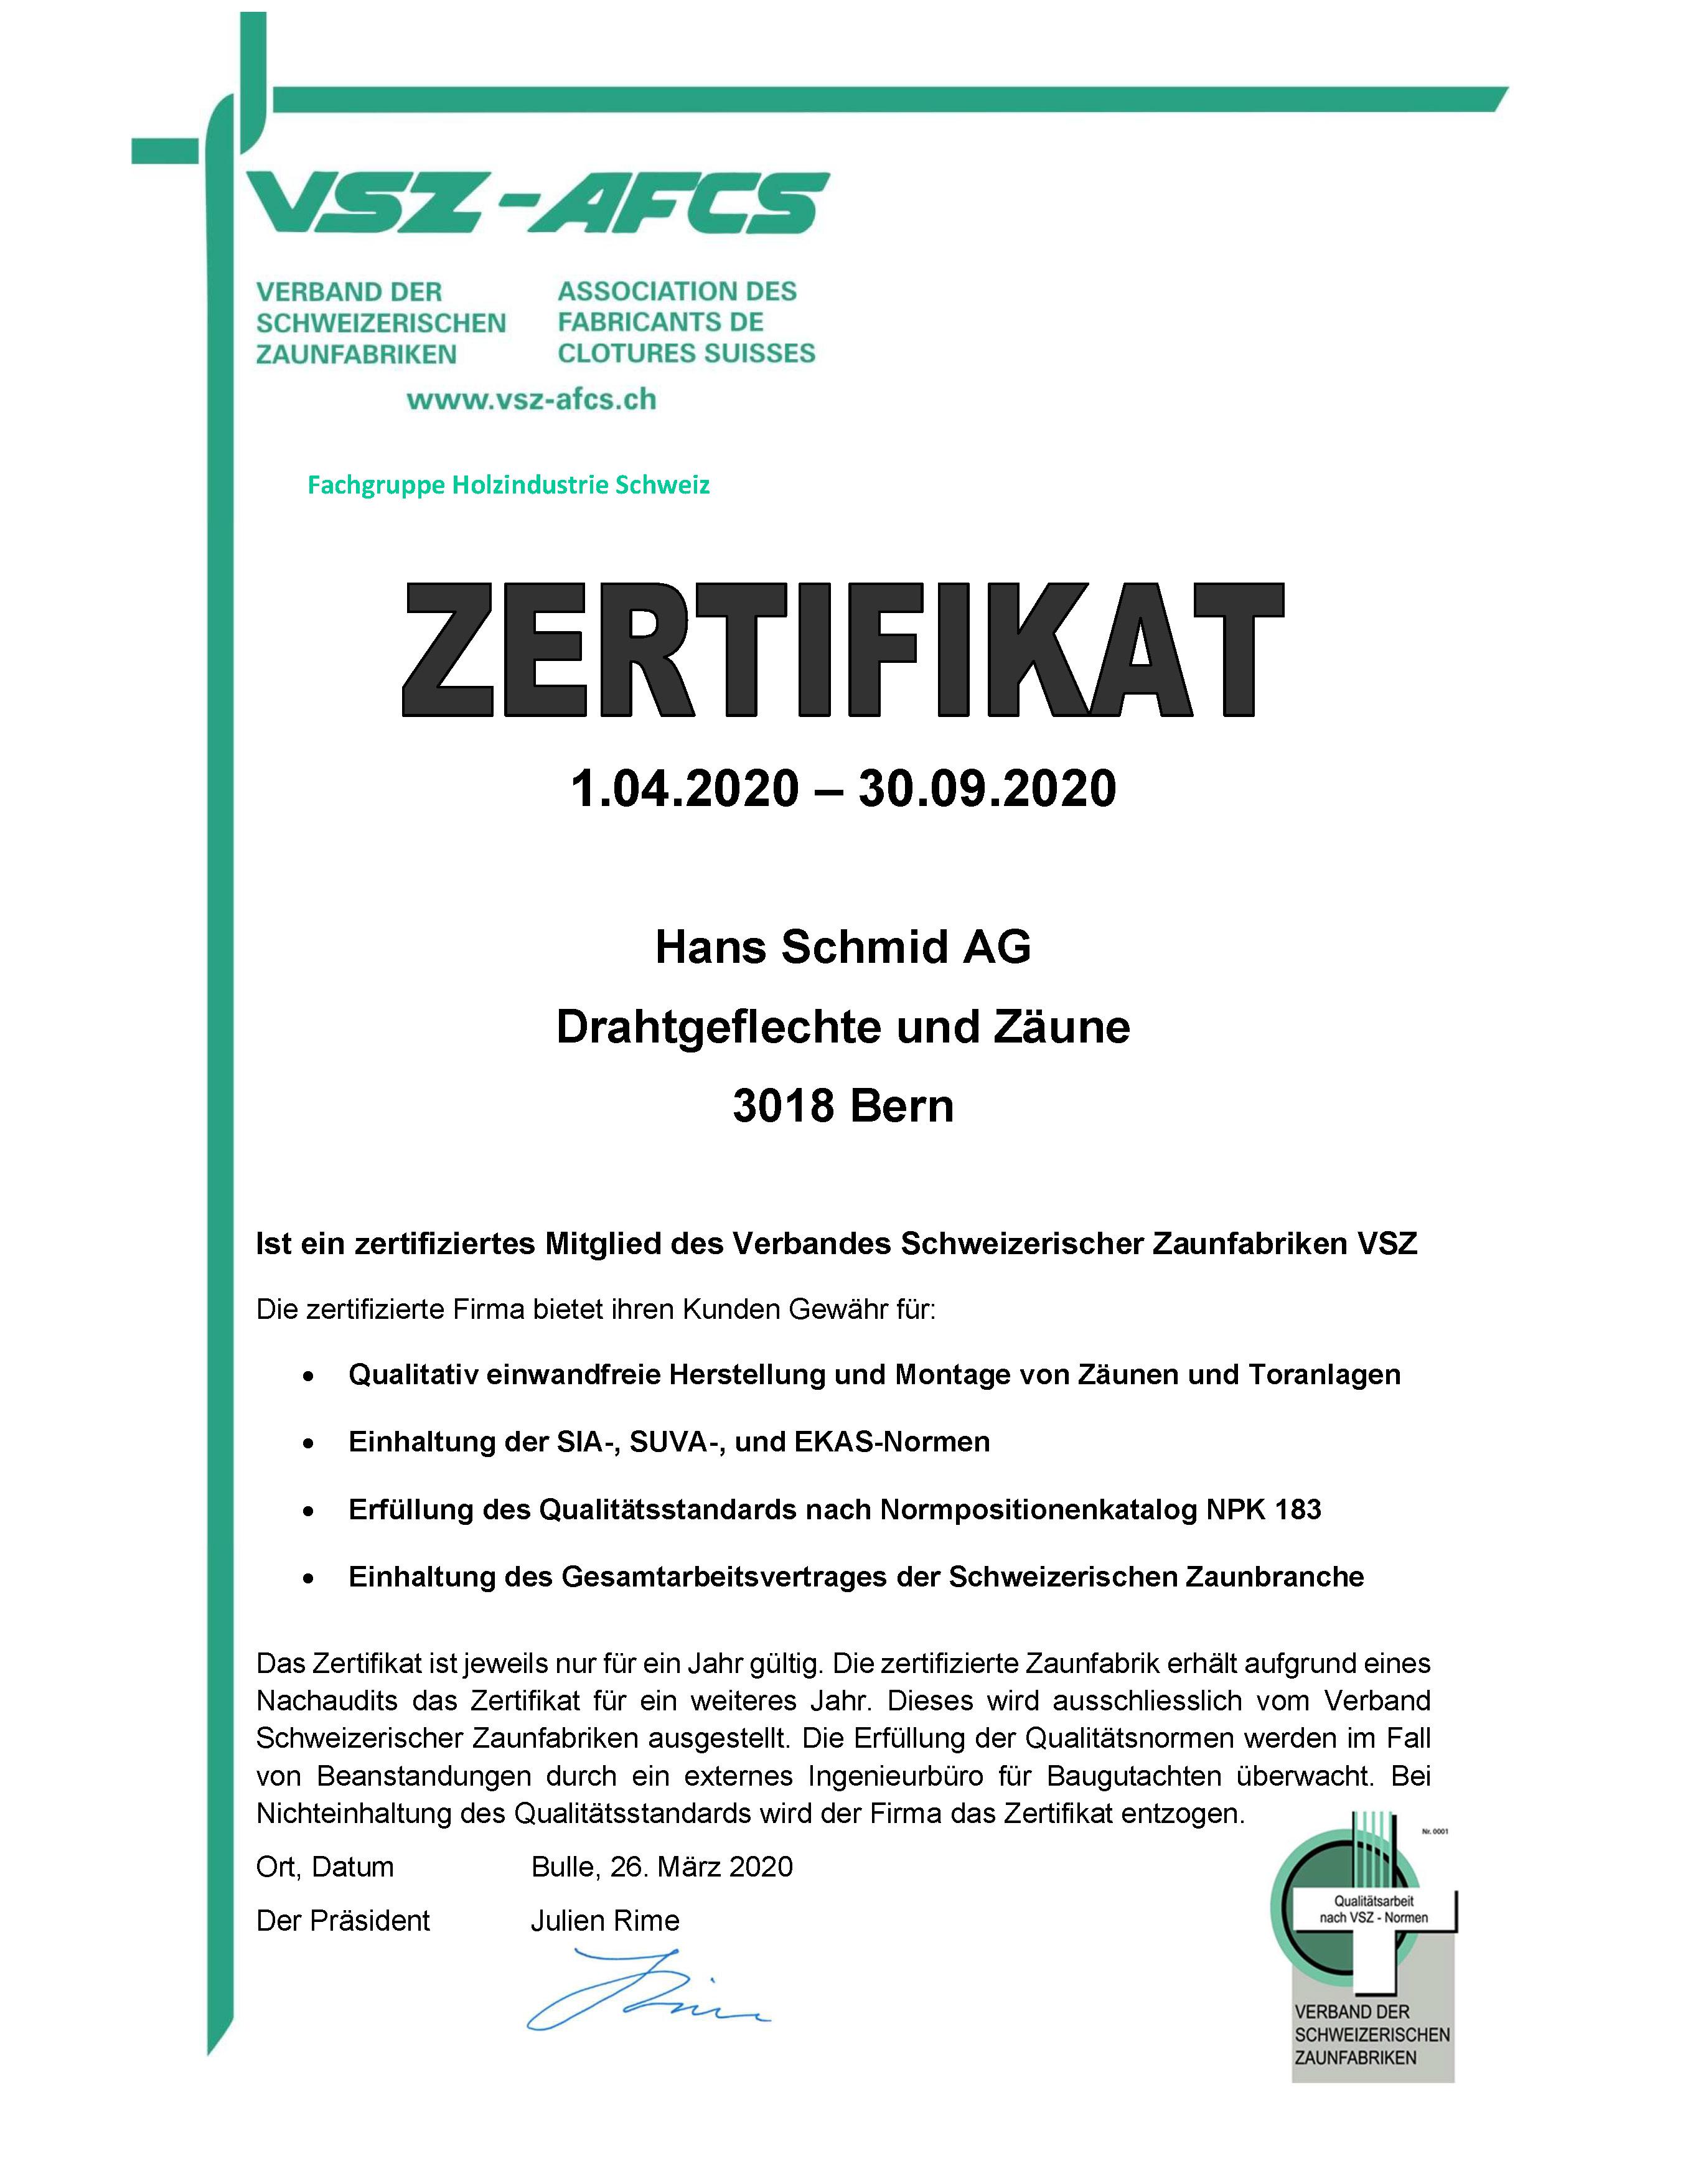 zertifikat-vsz-2020